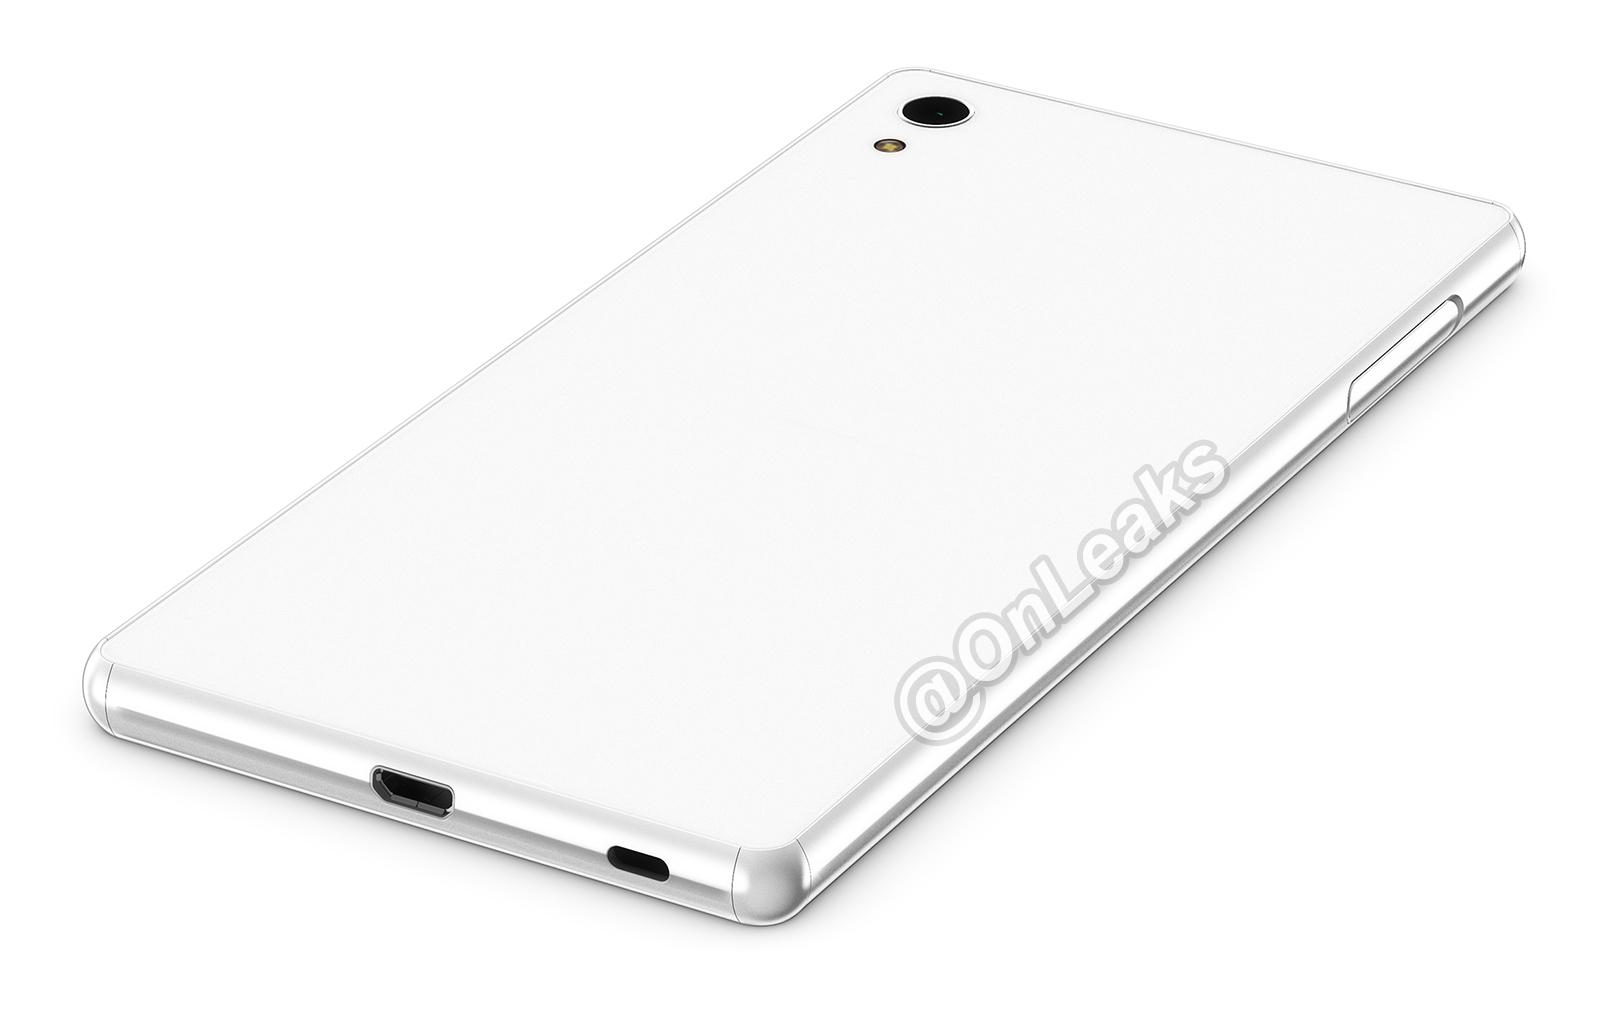 Sony Xperia Z4 / fot. OnLeaks